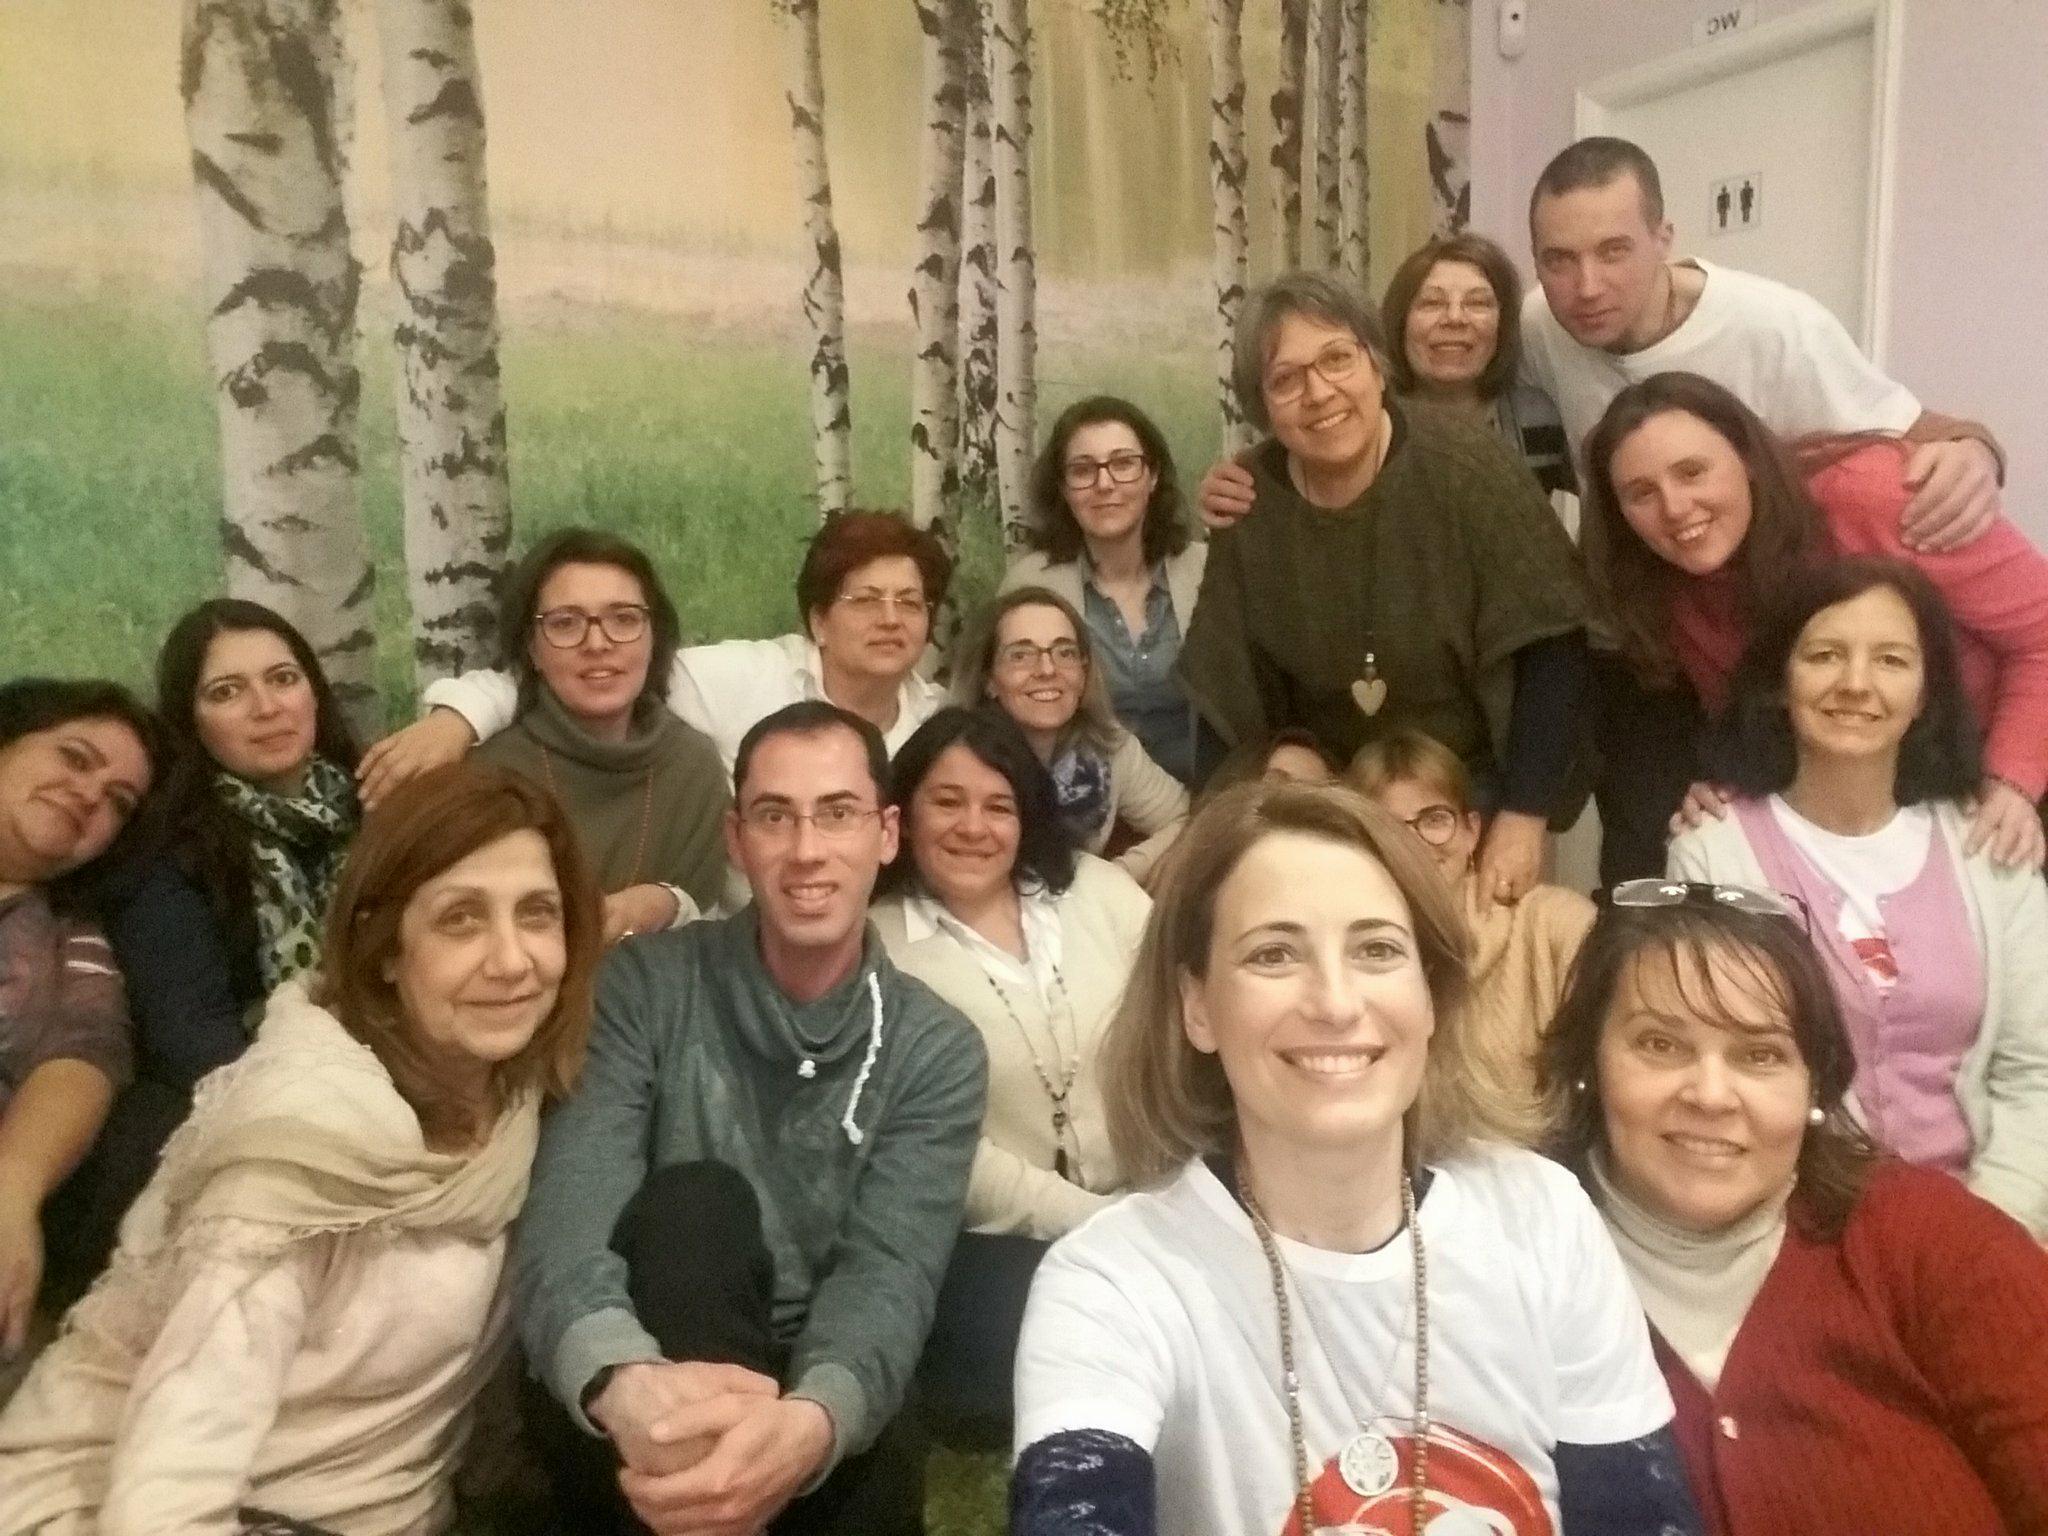 Voluntariado para Praticantes de Reiki- Núcleos Ermesinde, Porto e Penafiel